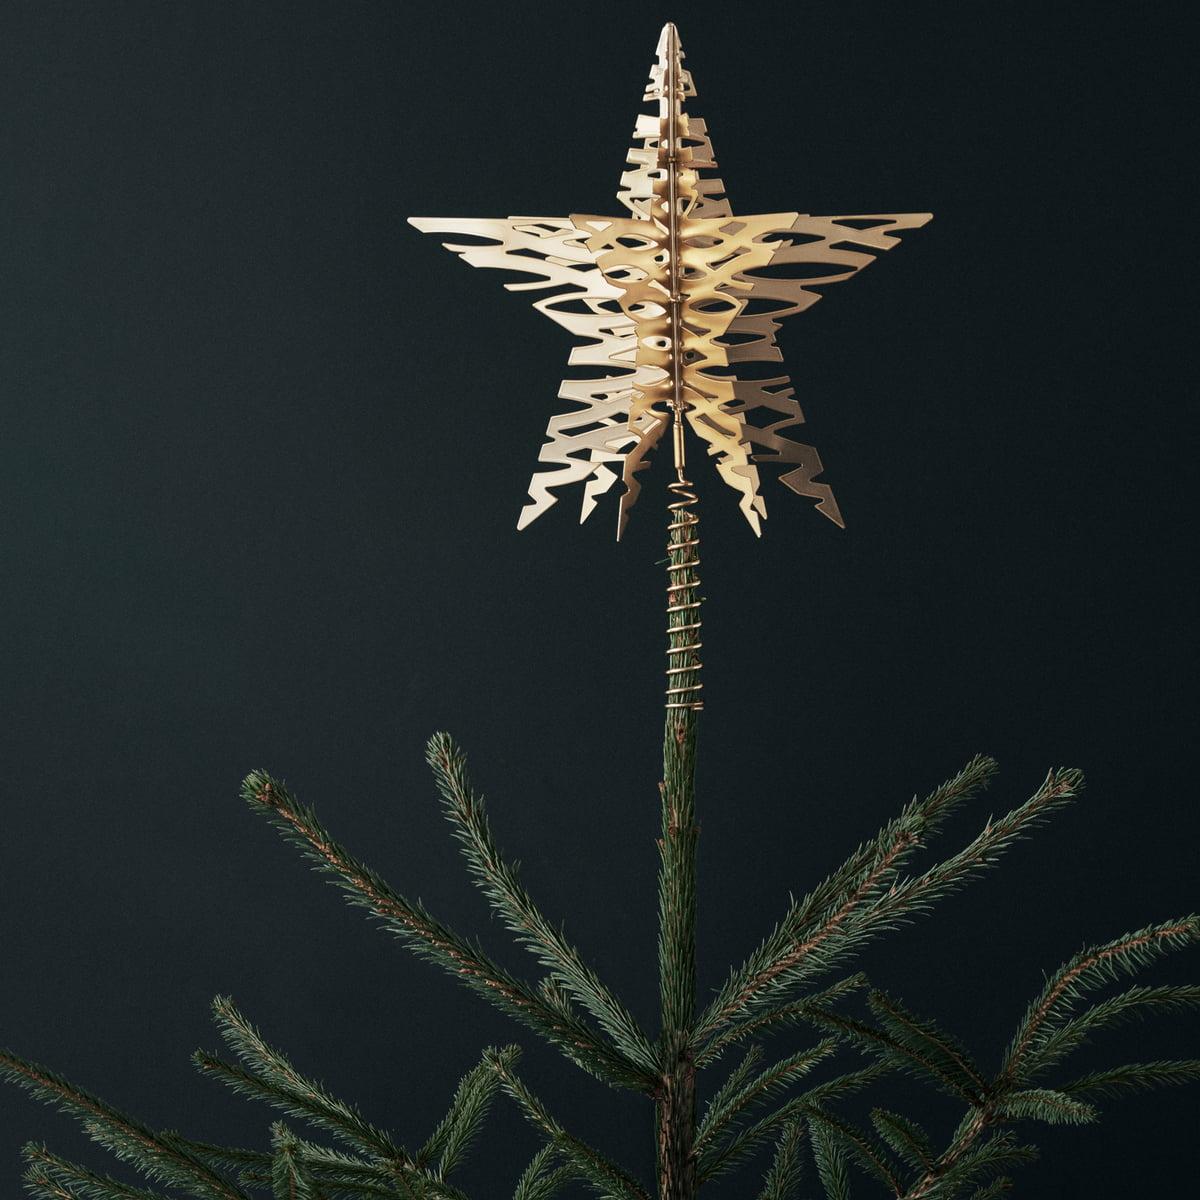 Stern Auf Weihnachtsbaum.Tangle Weihnachtsbaum Stern Von Stelton